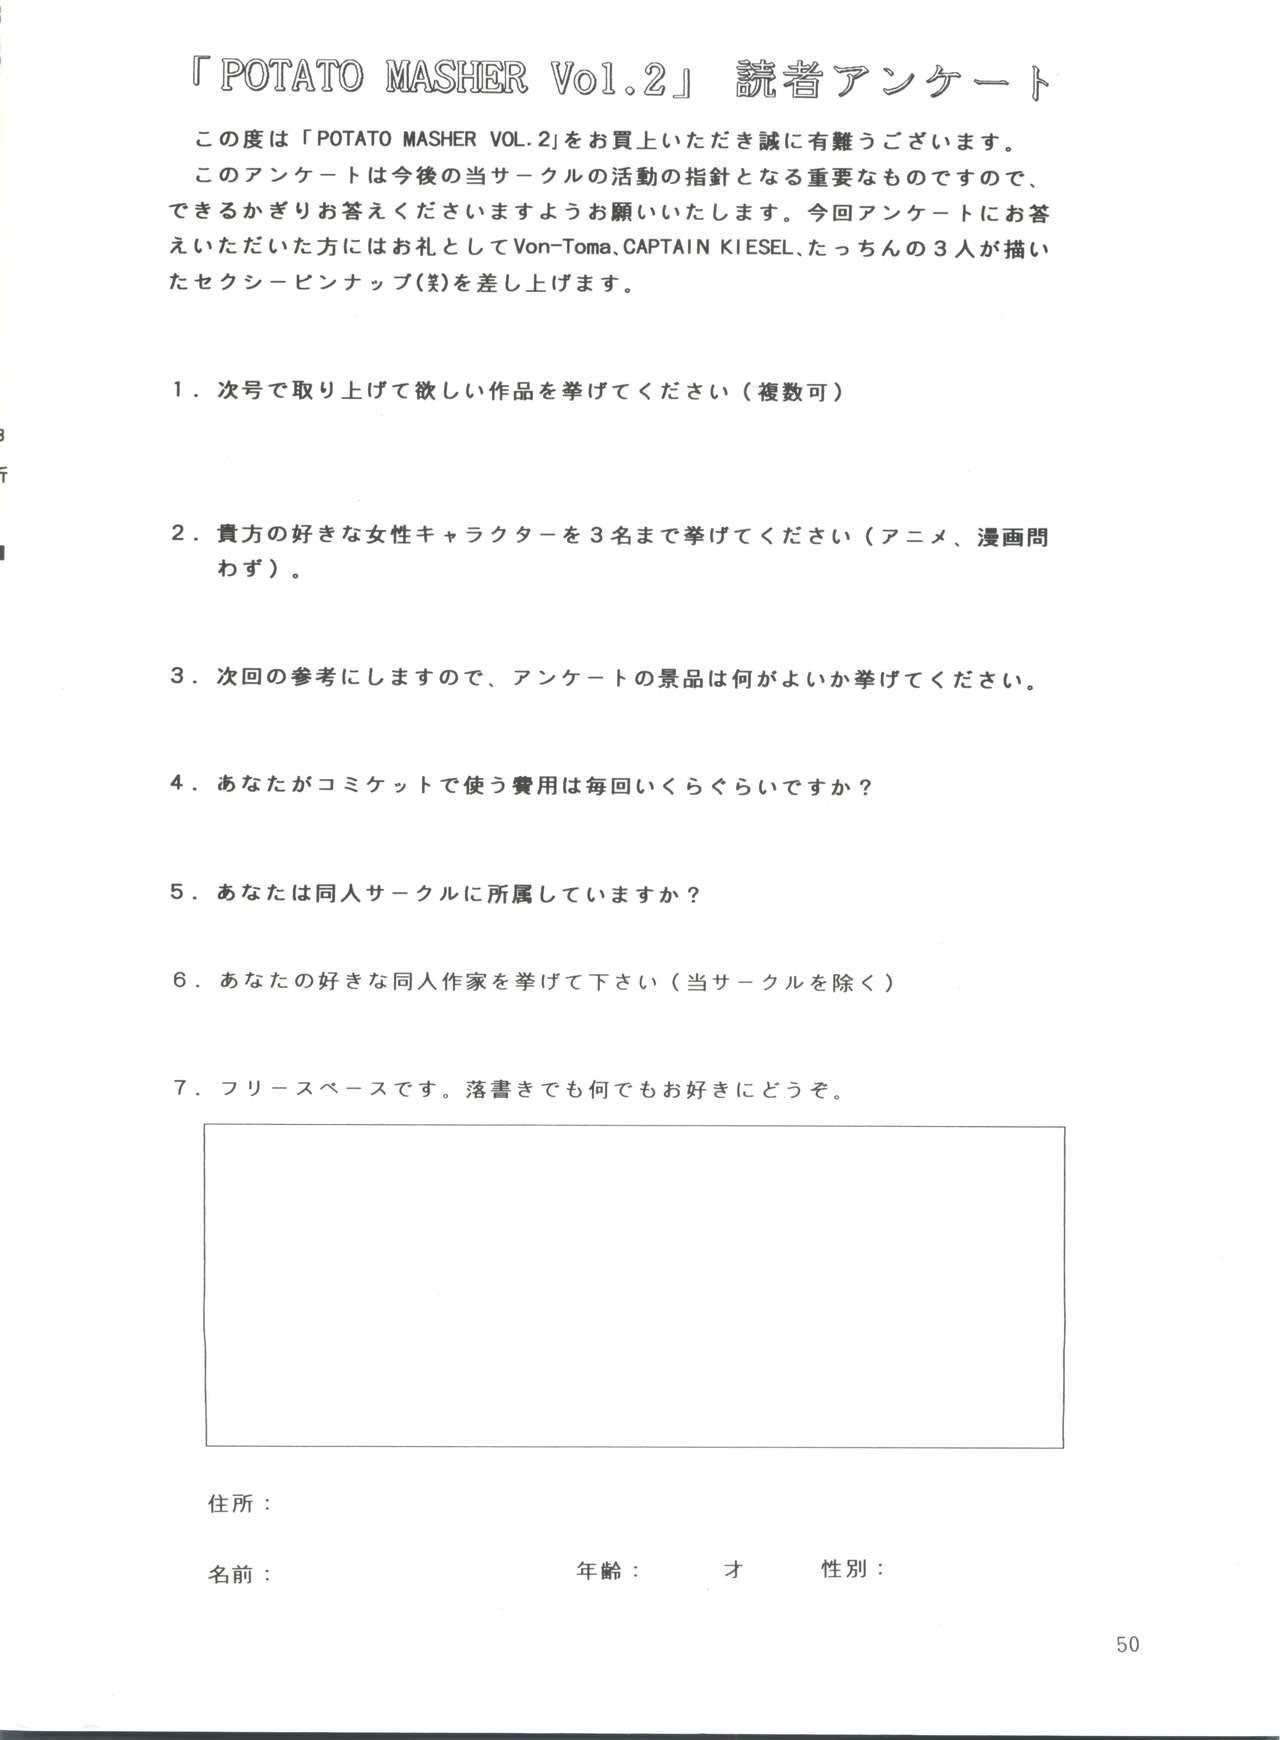 POTATO MASHER Vol. 2 48